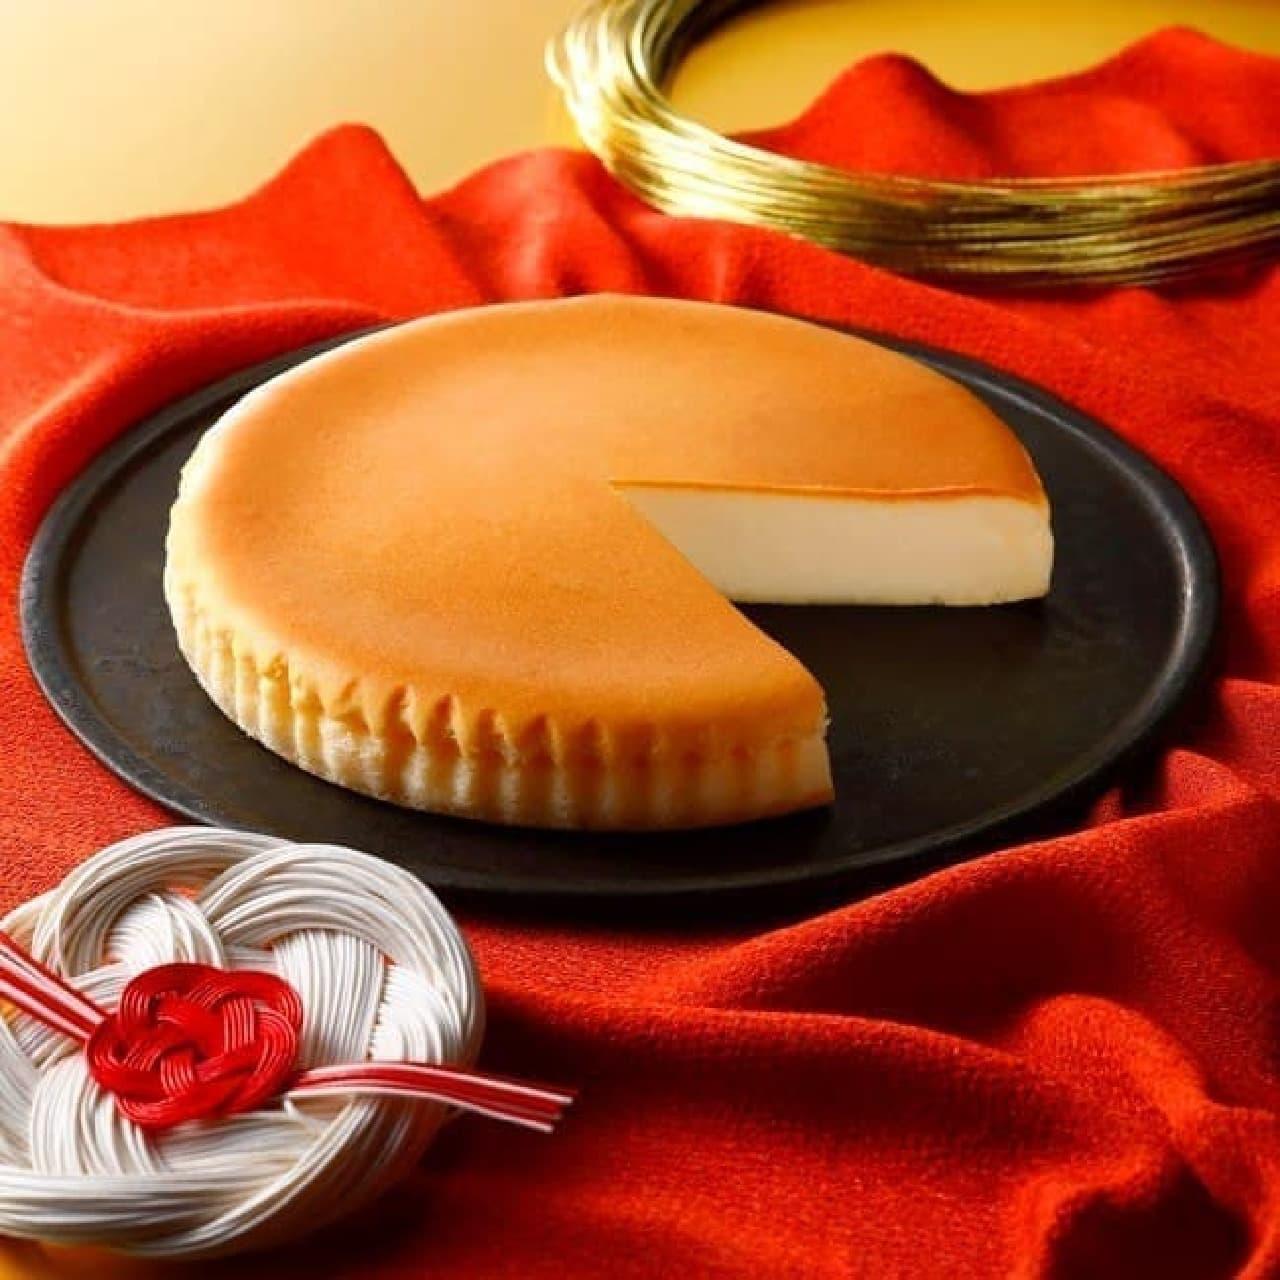 チーズガーデン「御用邸チーズケーキ」の「迎春」御用邸特別パッケージ